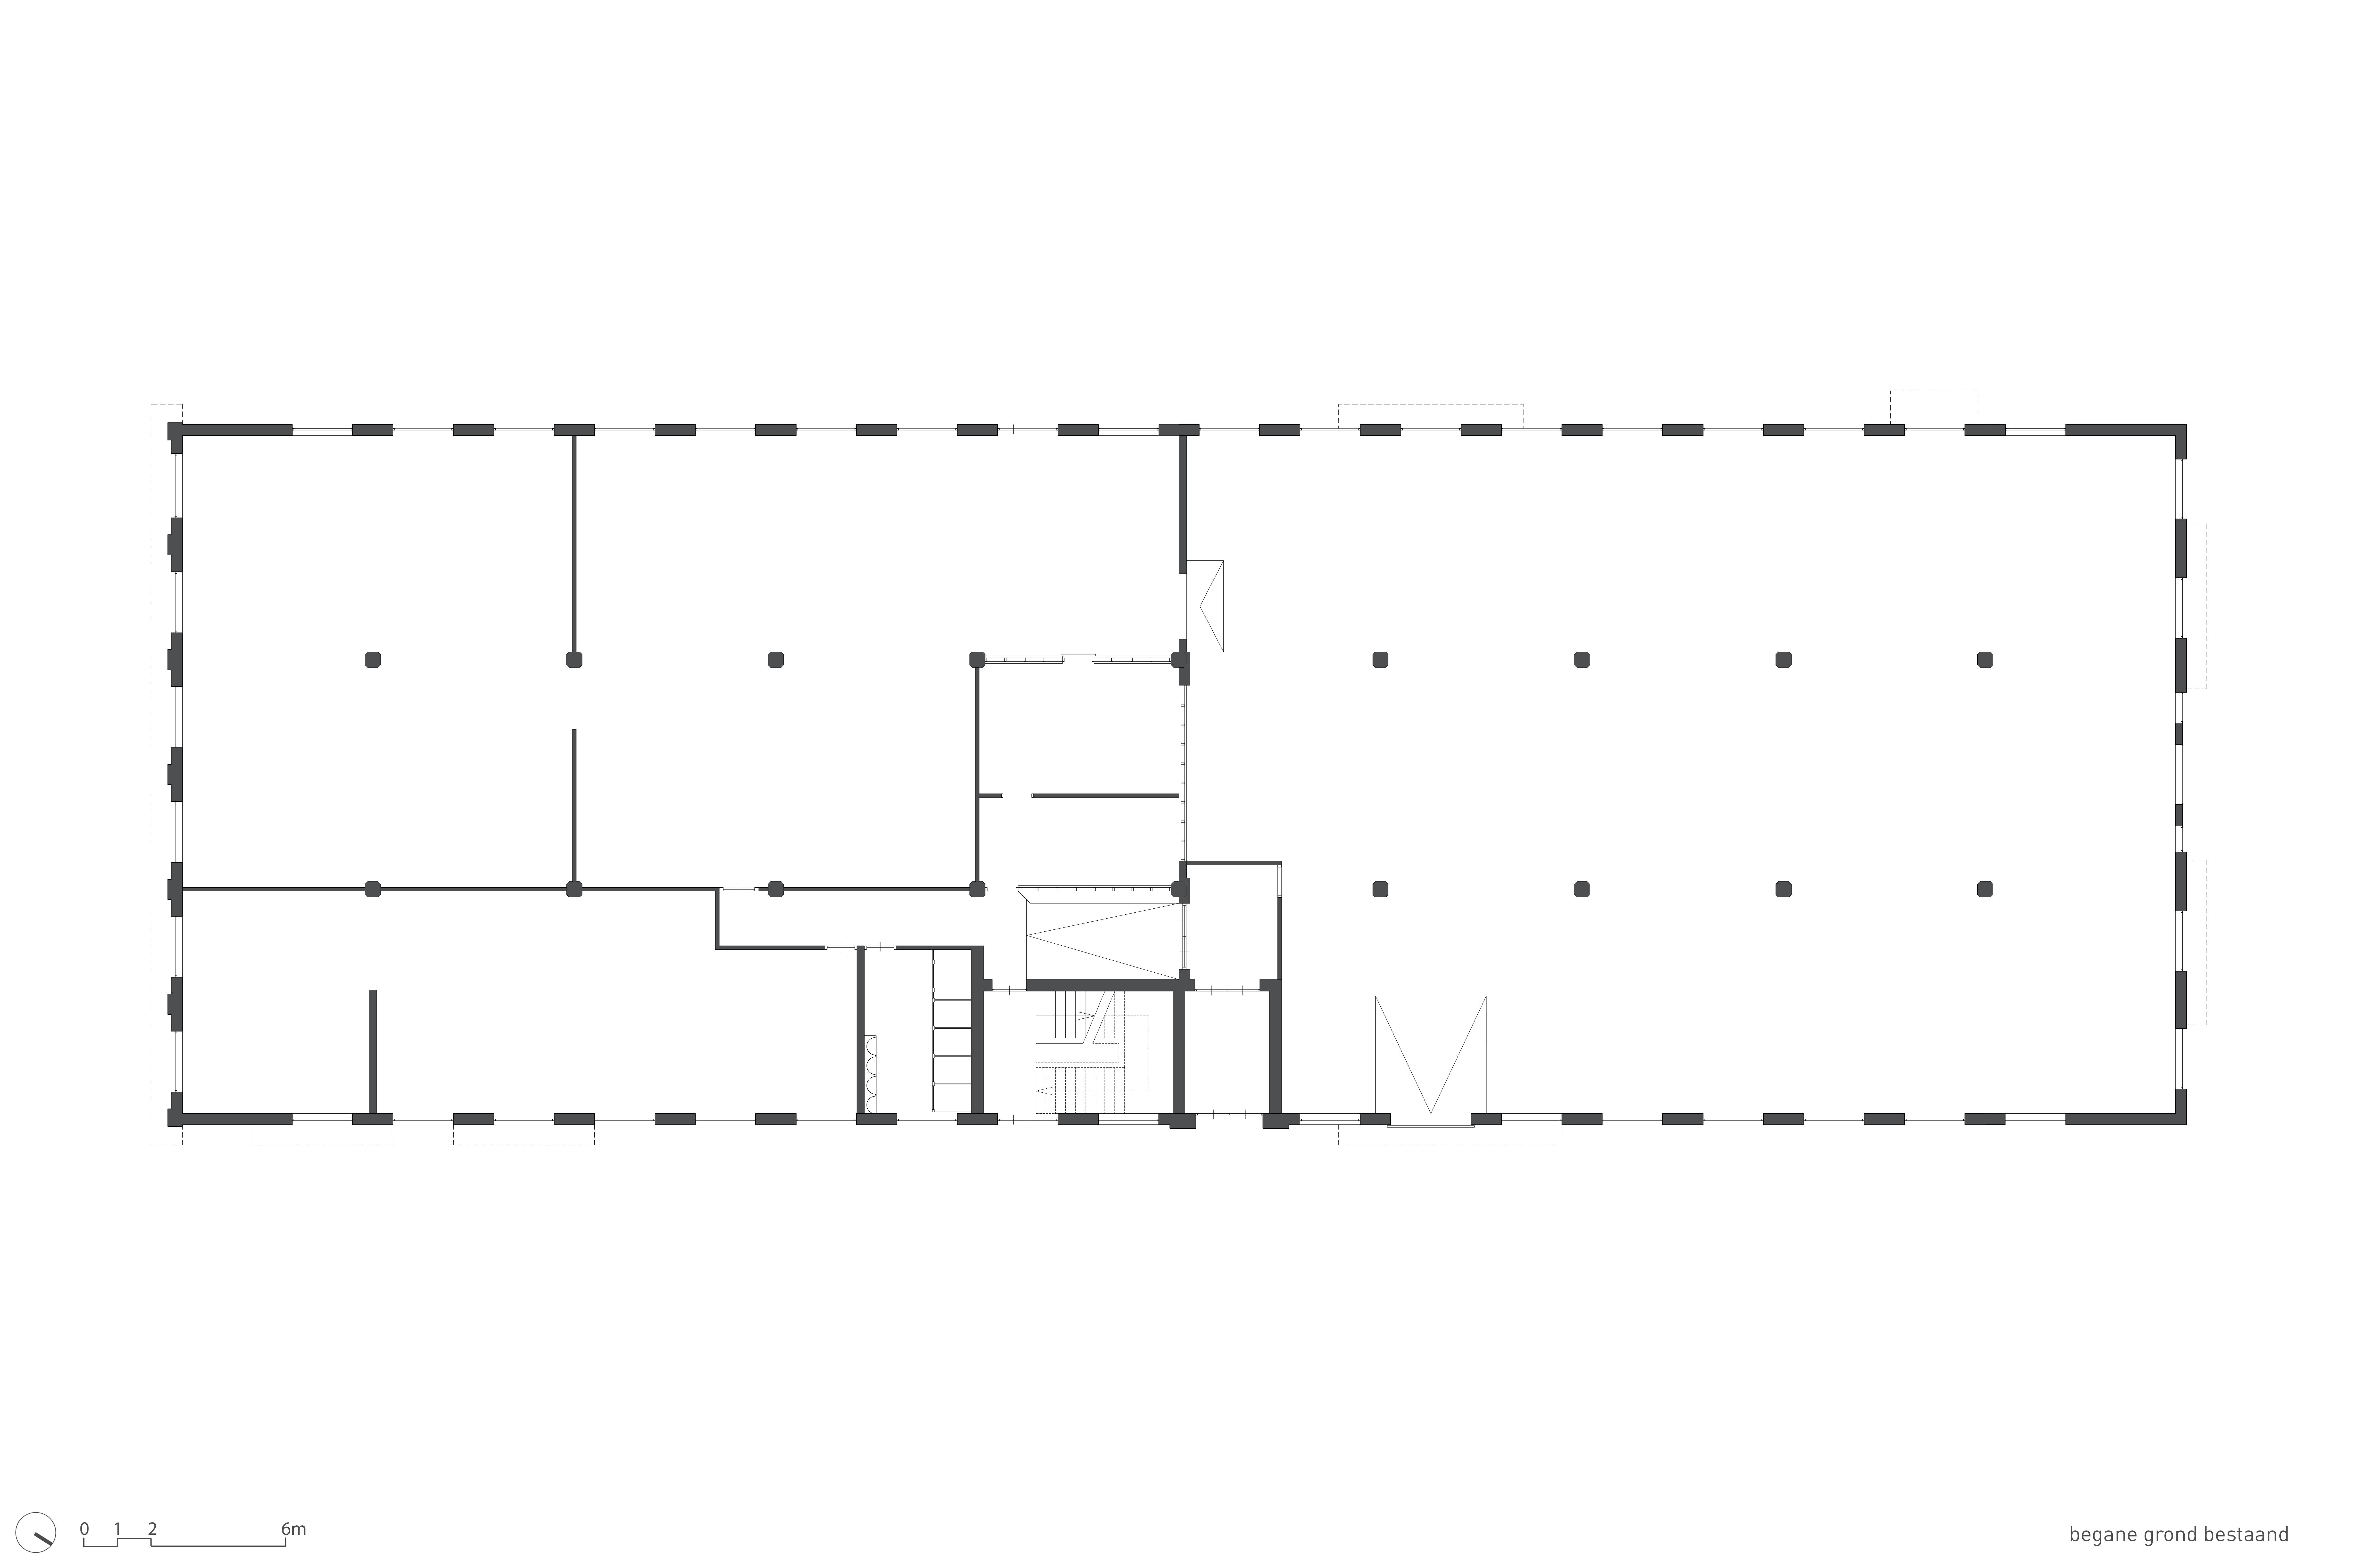 <p>Plattegrond begane grond bestaande bouw</p>